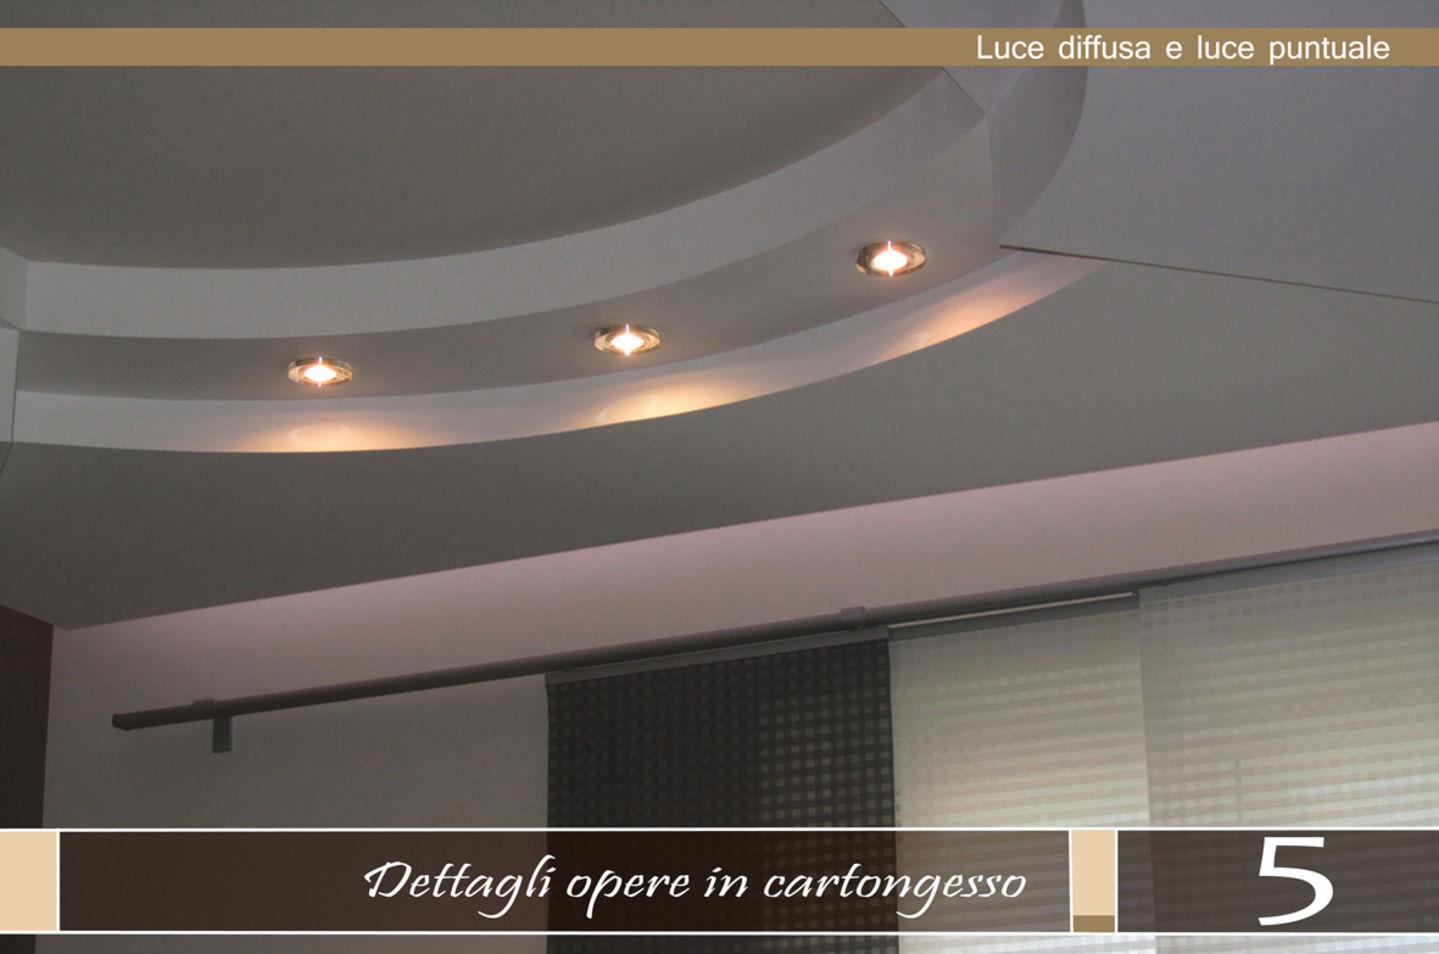 Illuminazione Salotto Cartongesso: Come disporre i punti ...